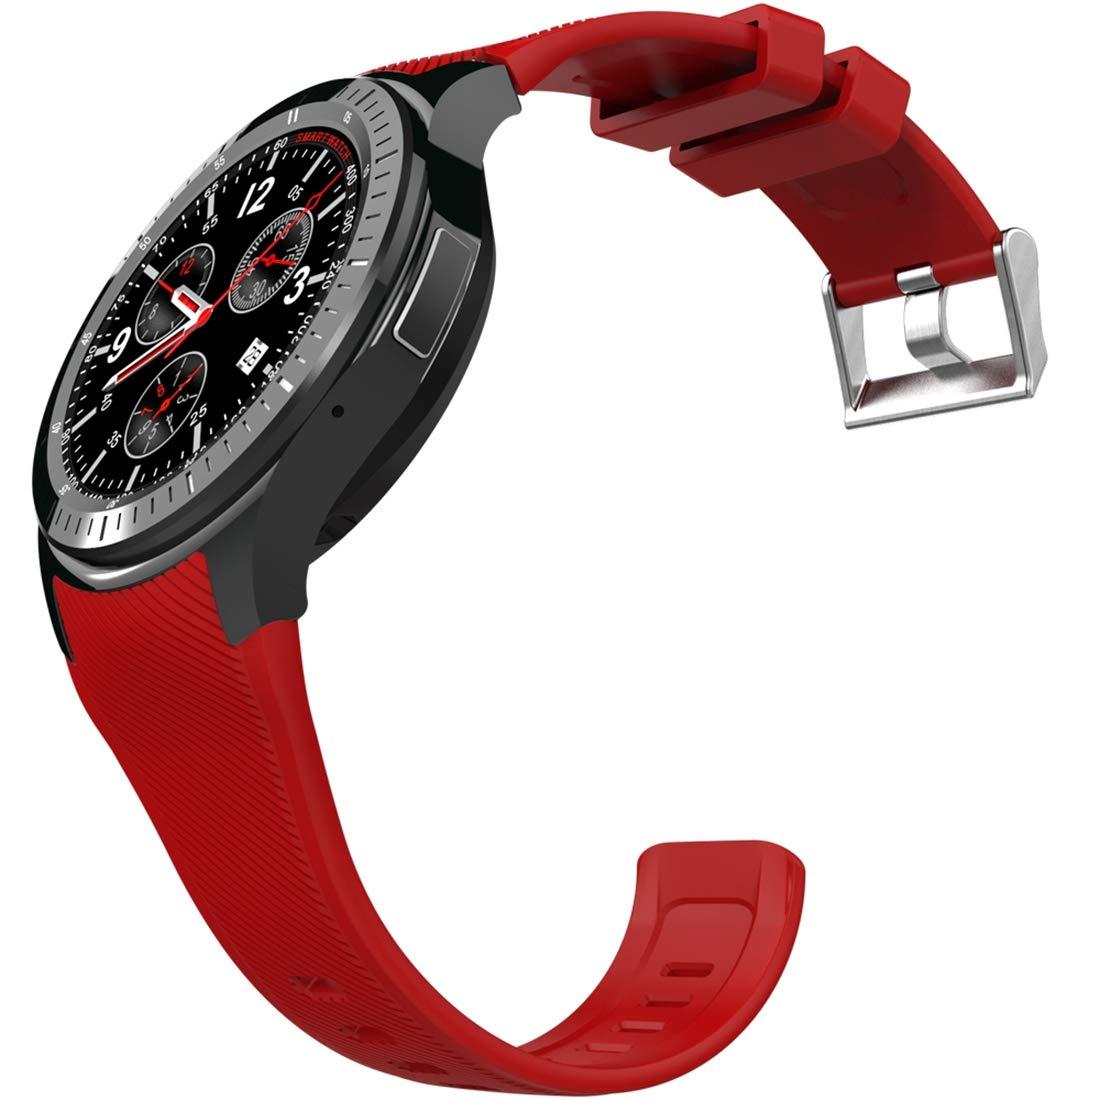 Ver Teléfono con reloj inteligente CELINEZL DOMINO DM368 ...